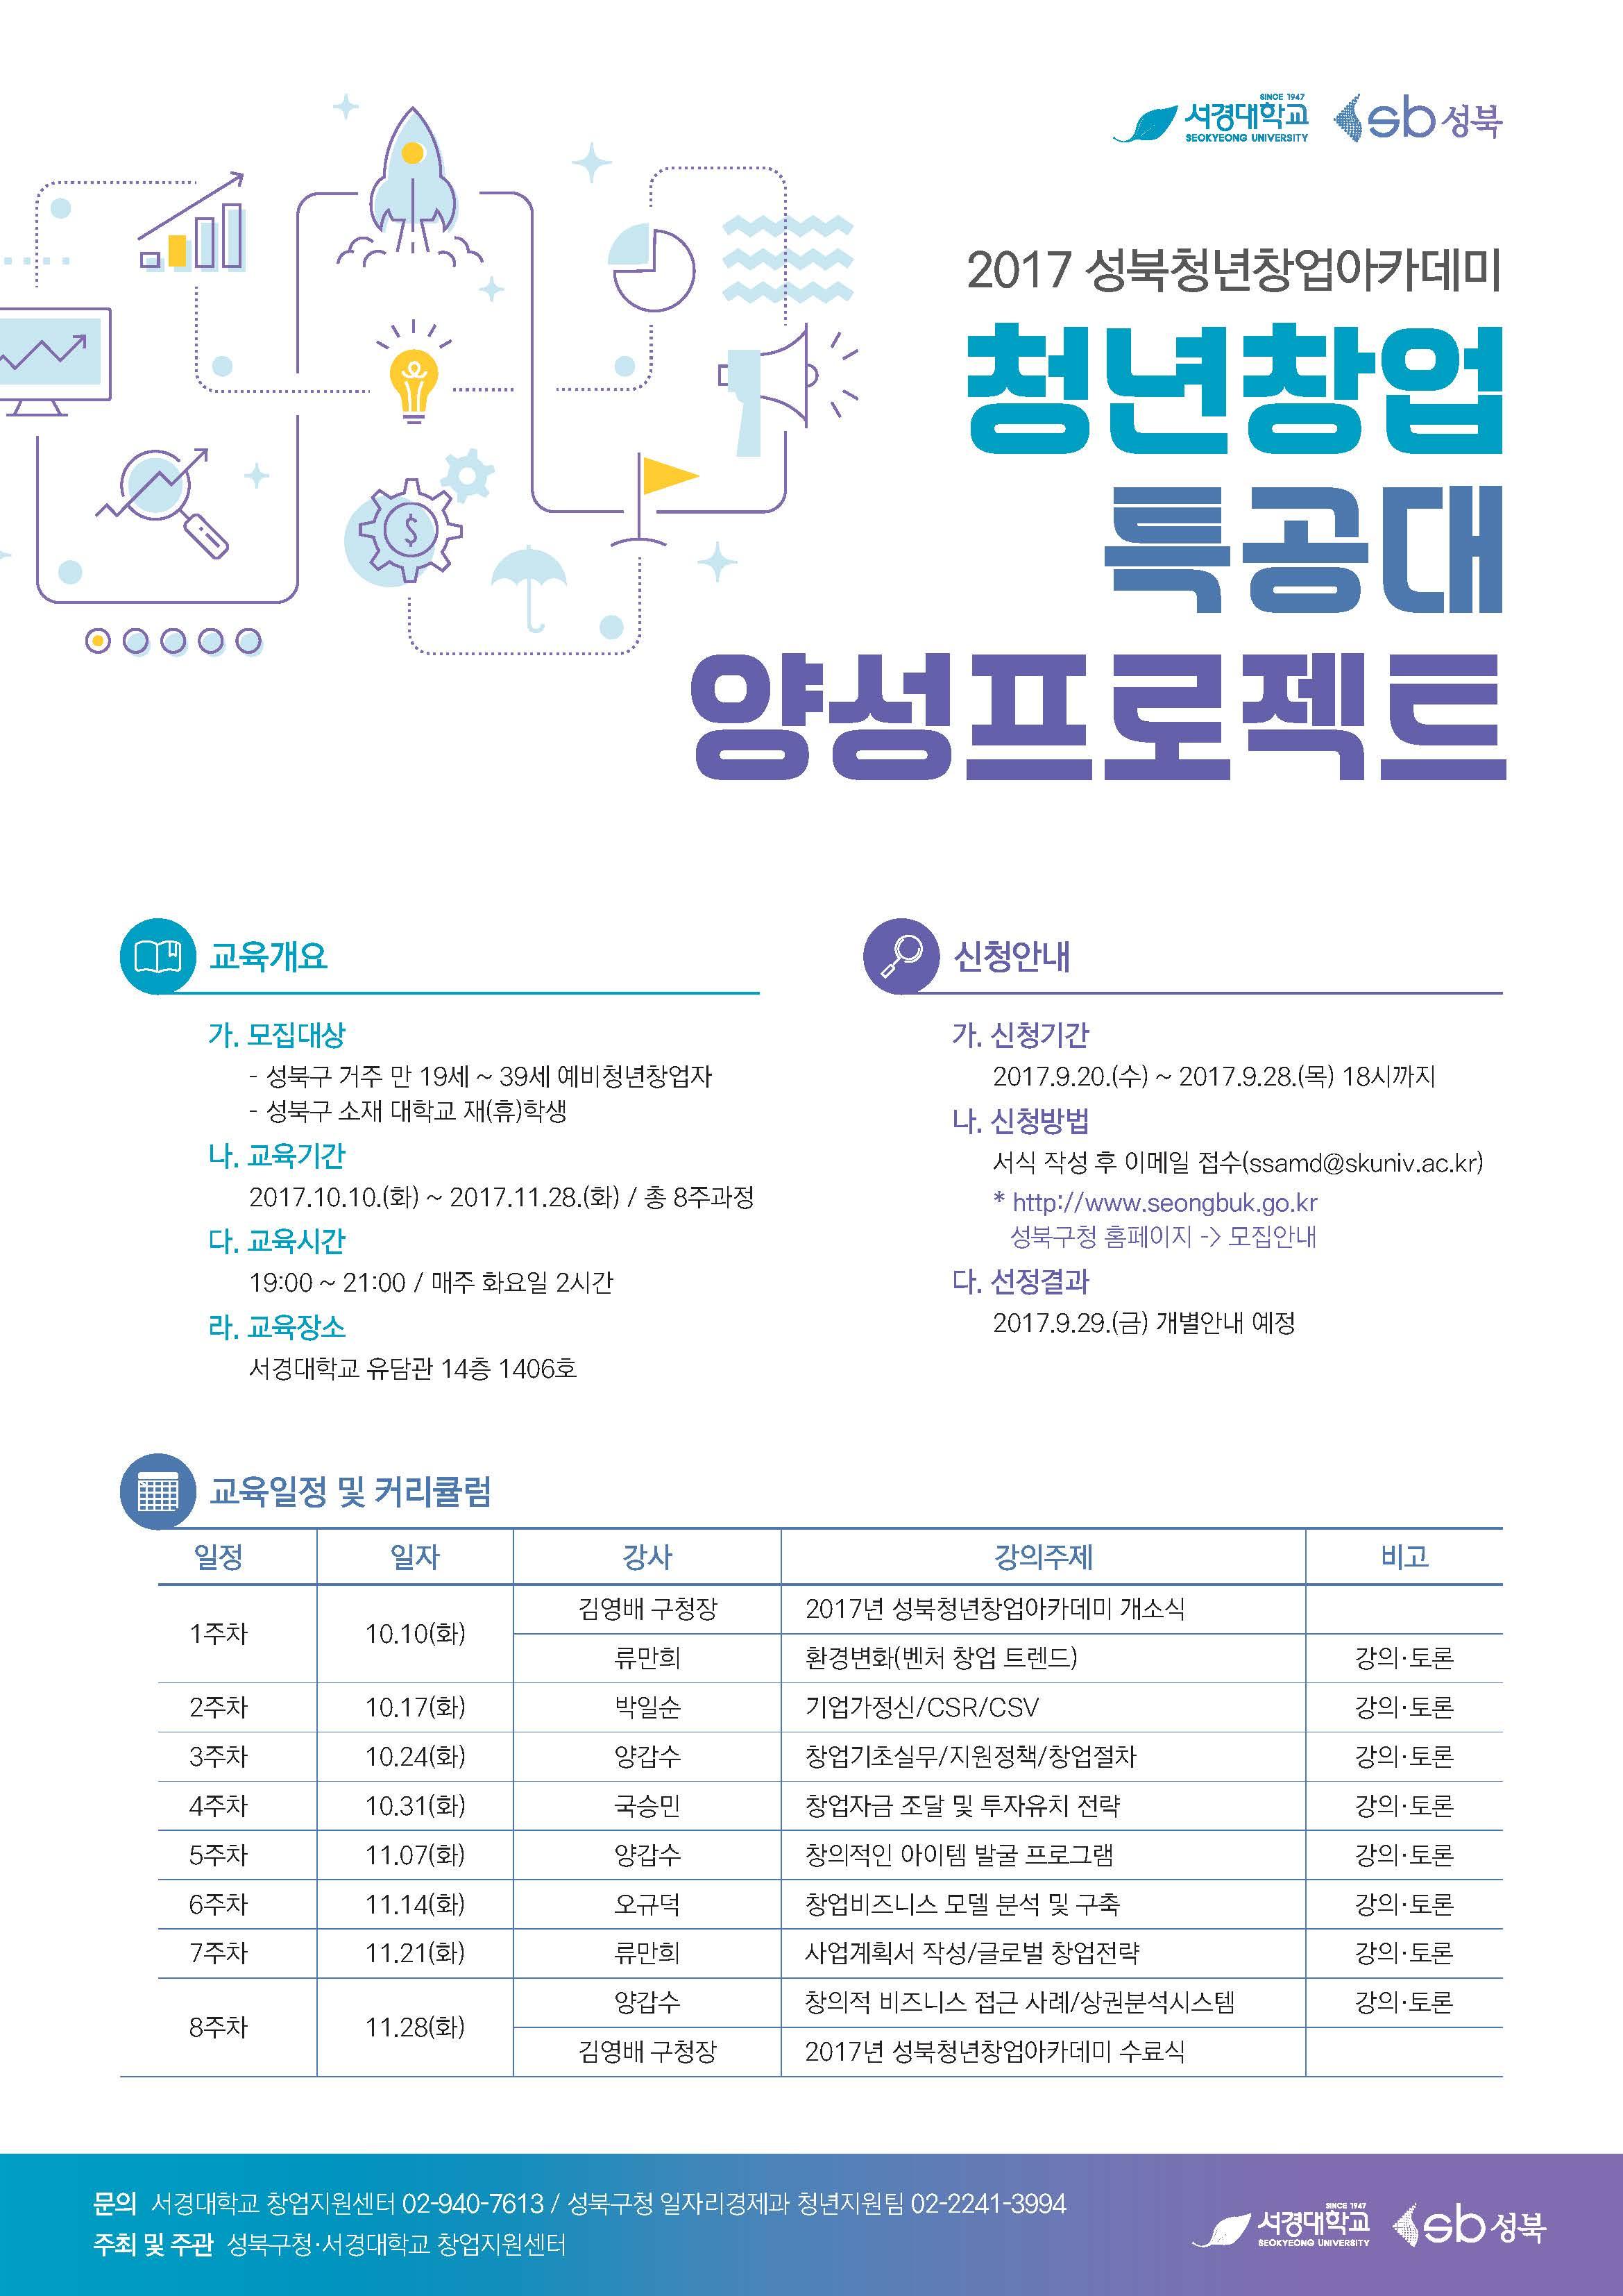 2017년 성북청년창업아카데미 [청년 창업 특공대 양성 프로젝트].jpg